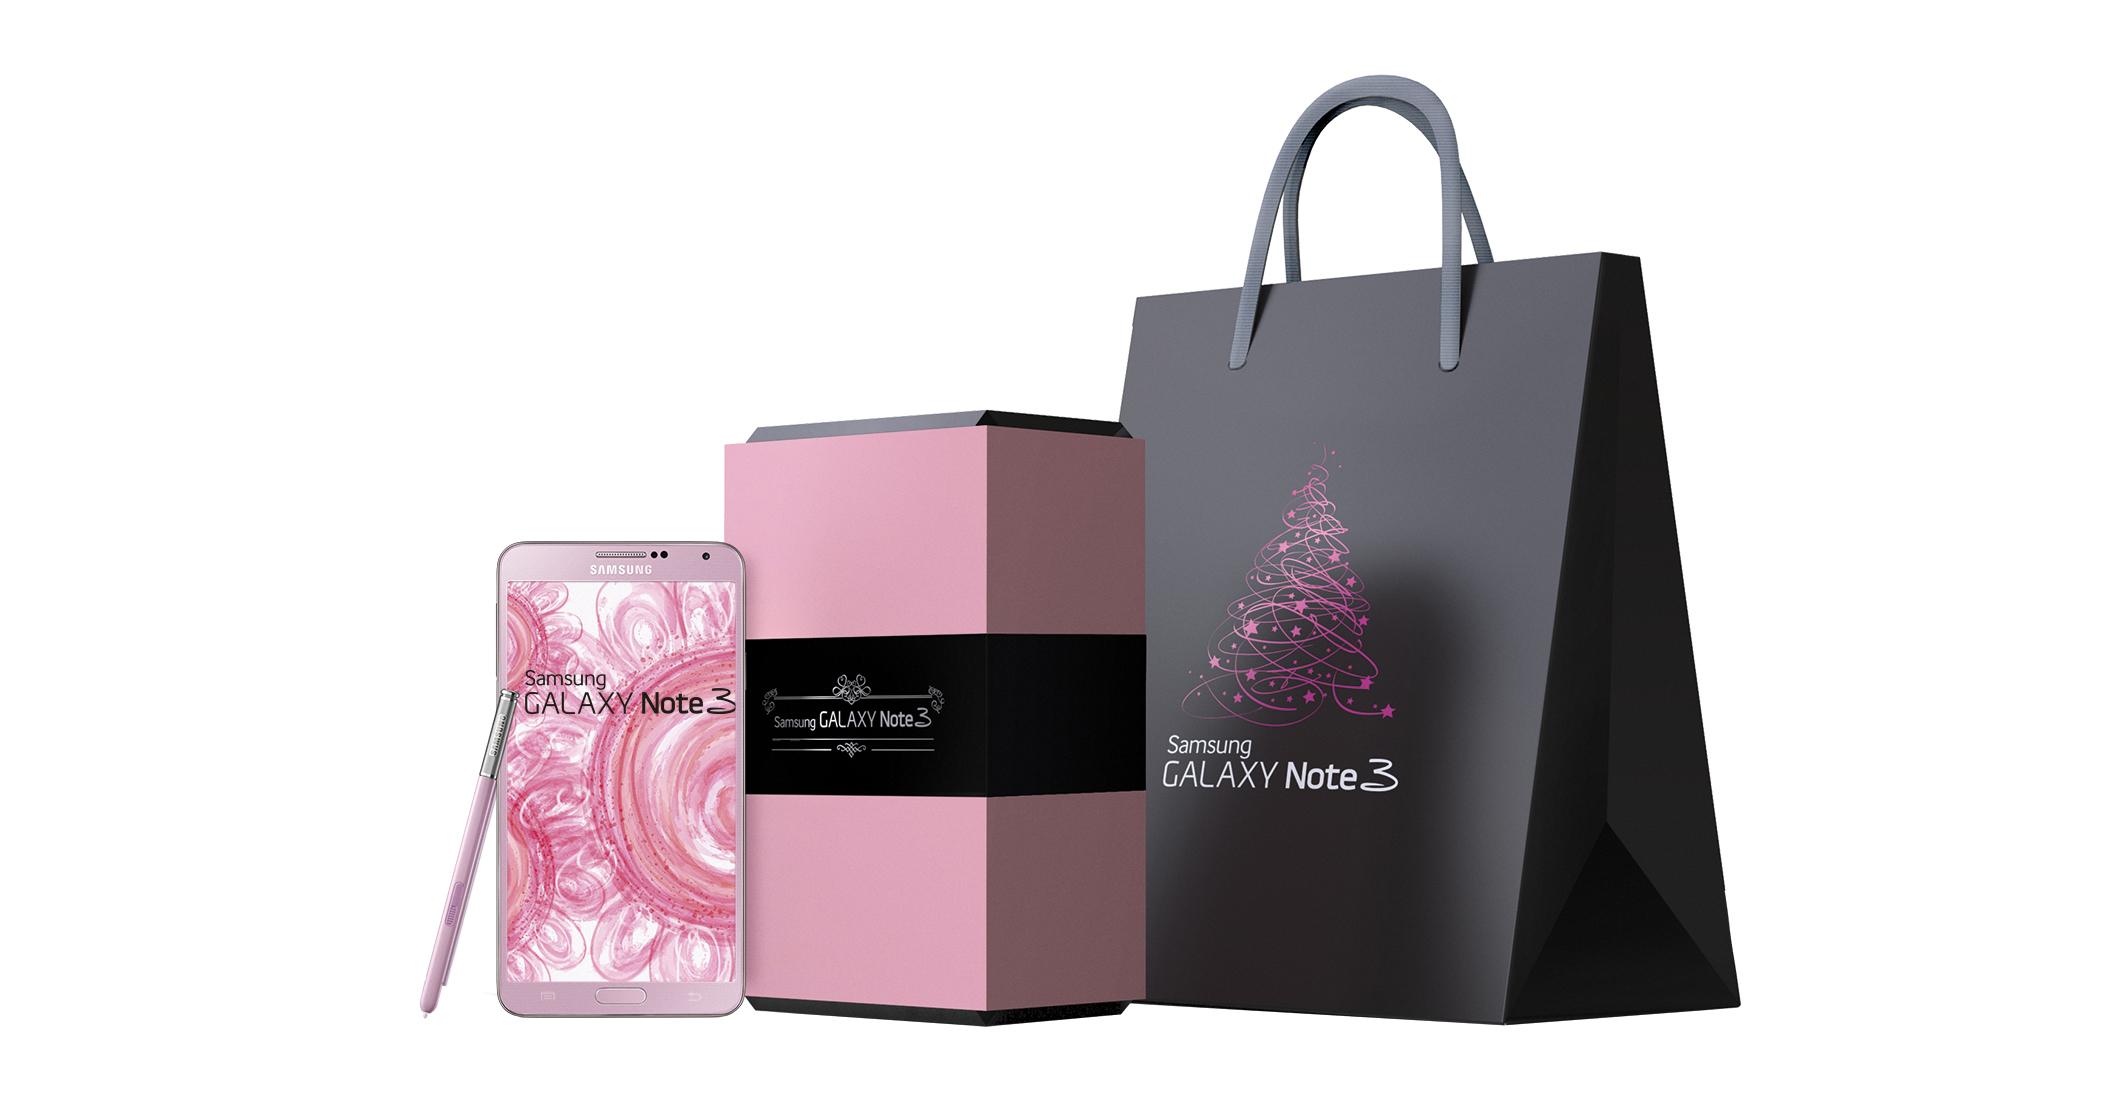 香頌粉「聖誕珠寶盒」典藏版 12月13日耶誕浪漫限量上市